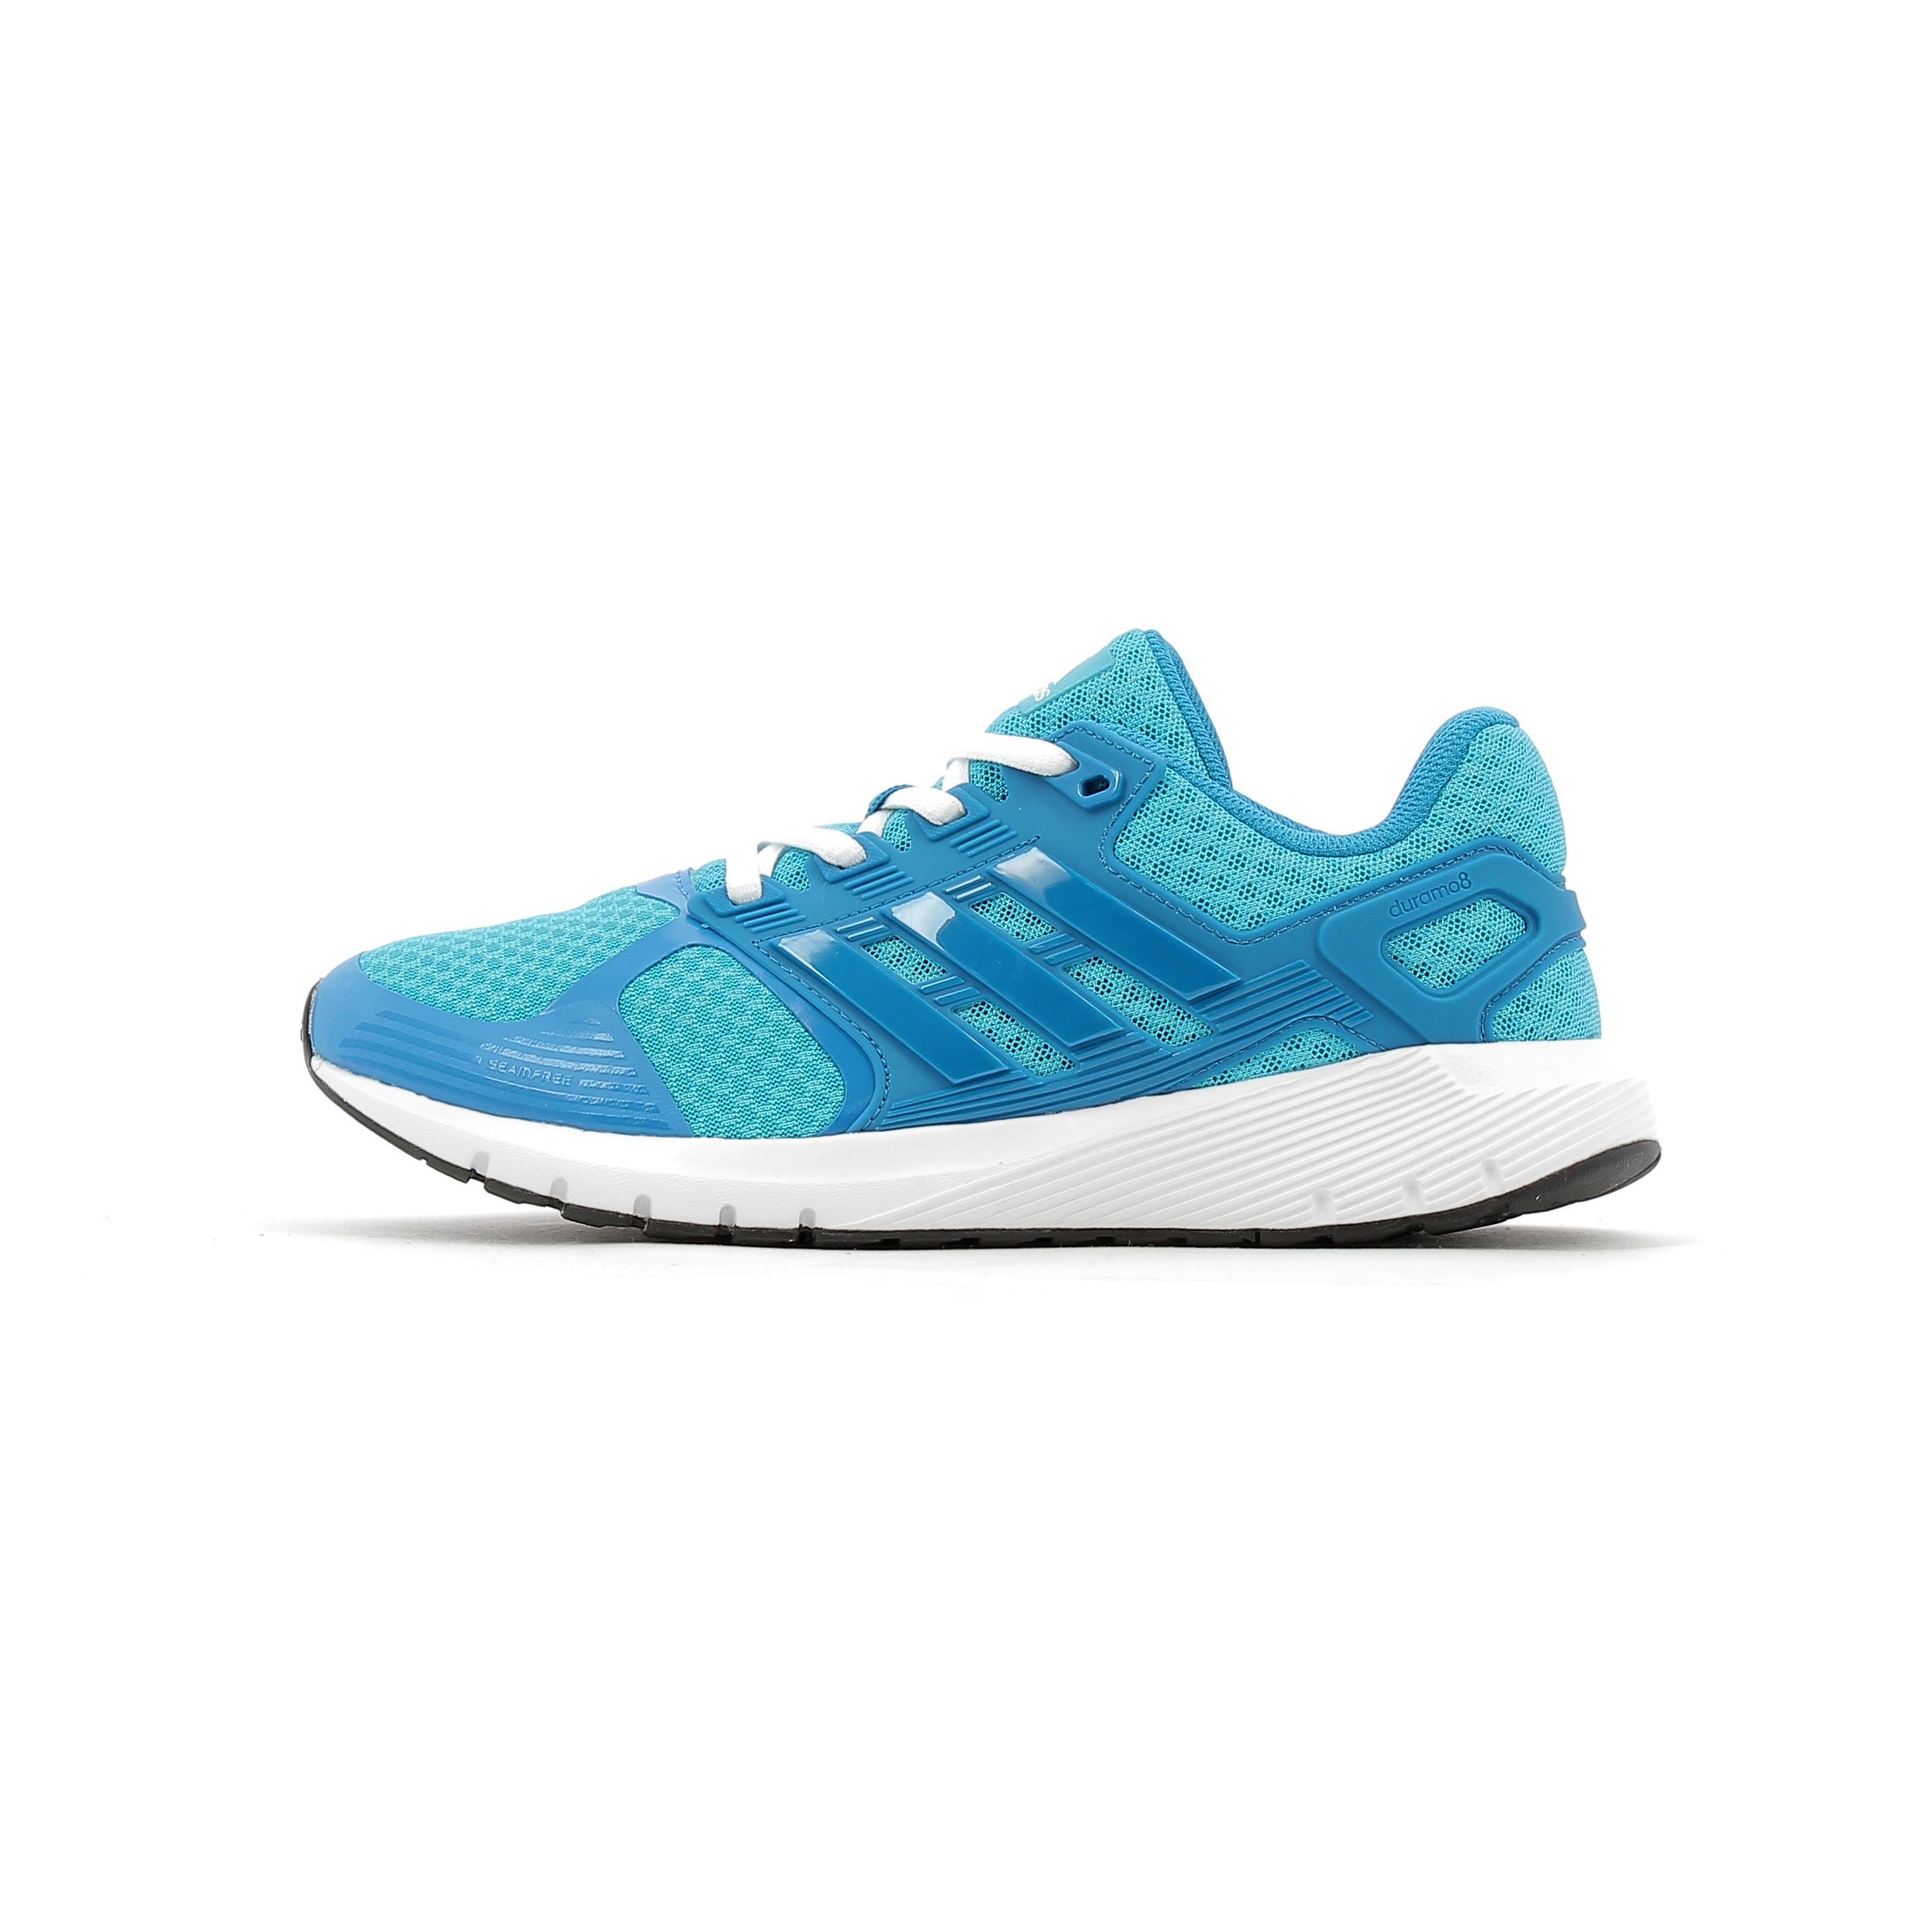 Duramo Running Bleu Chaussures Adidas W De 8 Femme TwnTBHZxP